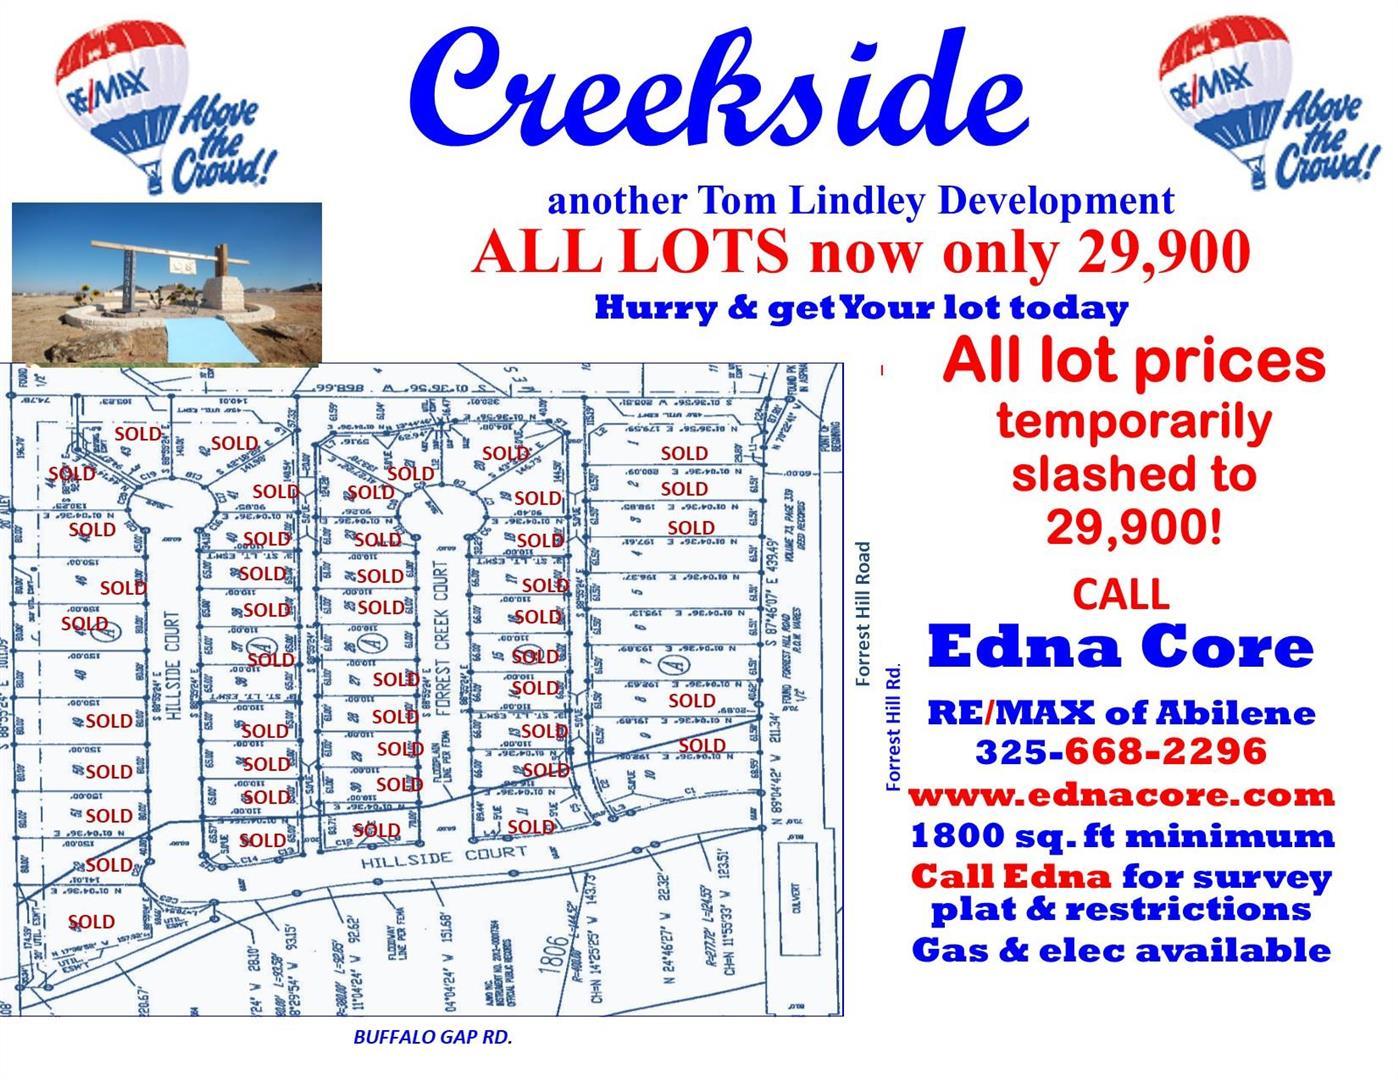 CreeksideBROCHURE8-18.jpg